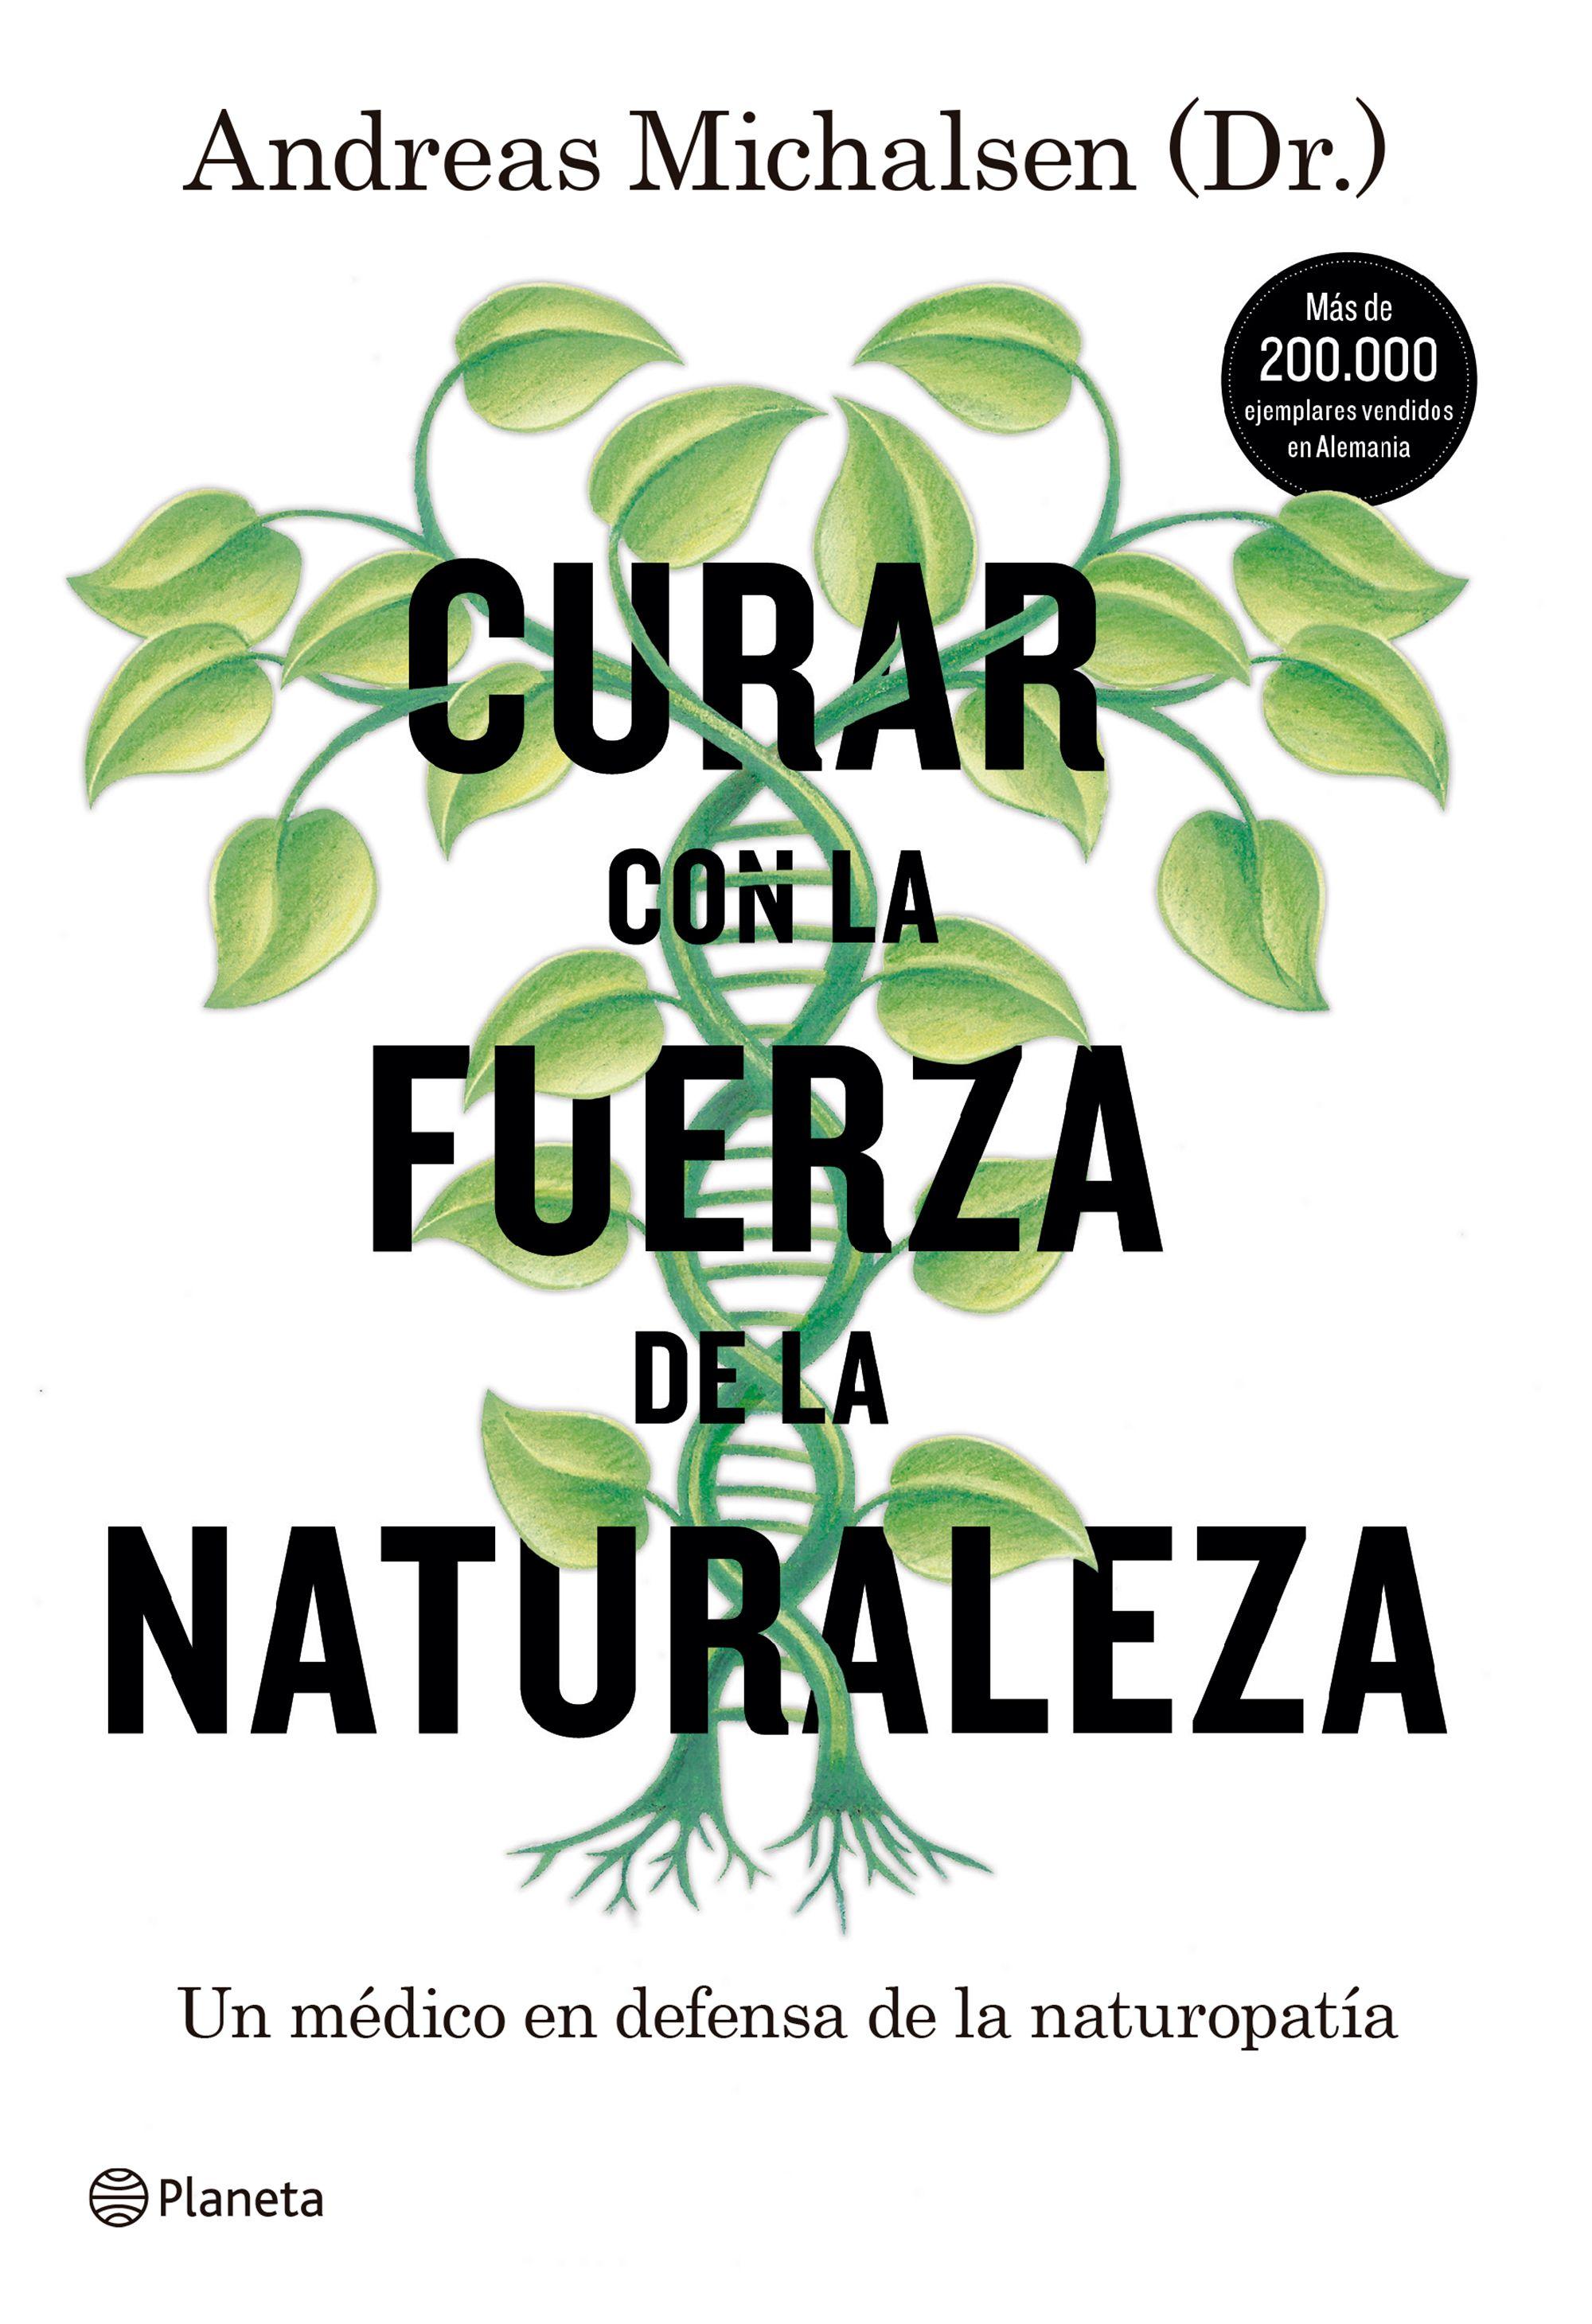 Curar con la Fuerza de la Naturaleza - Andreas Michalsen - Planeta